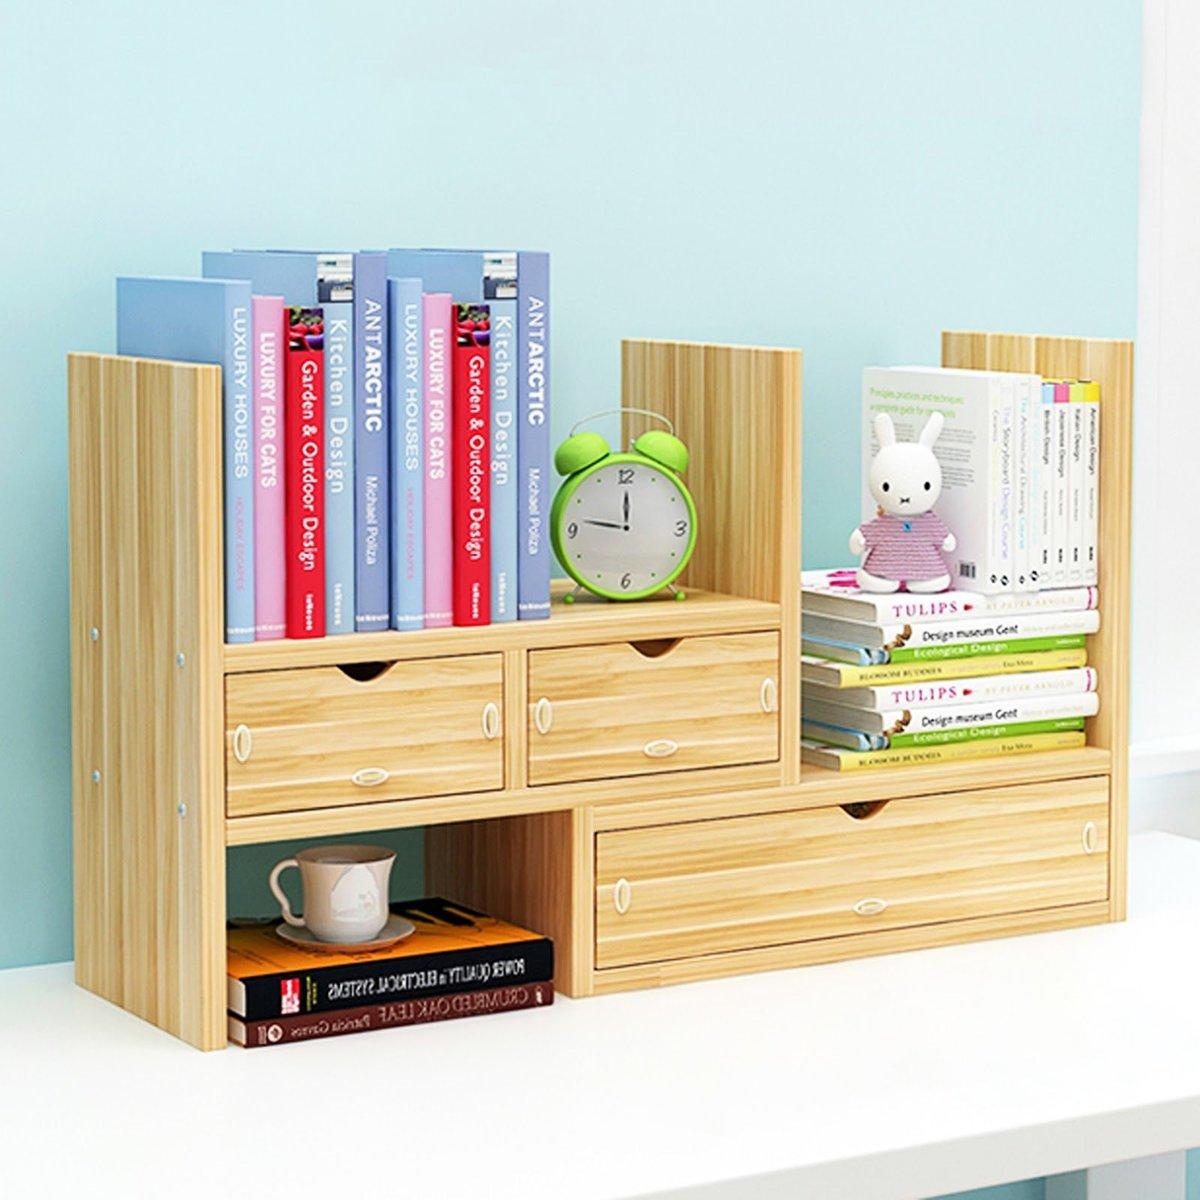 創意多用途組合式桌面木書架 書櫃 實用儲物架 抽屜款